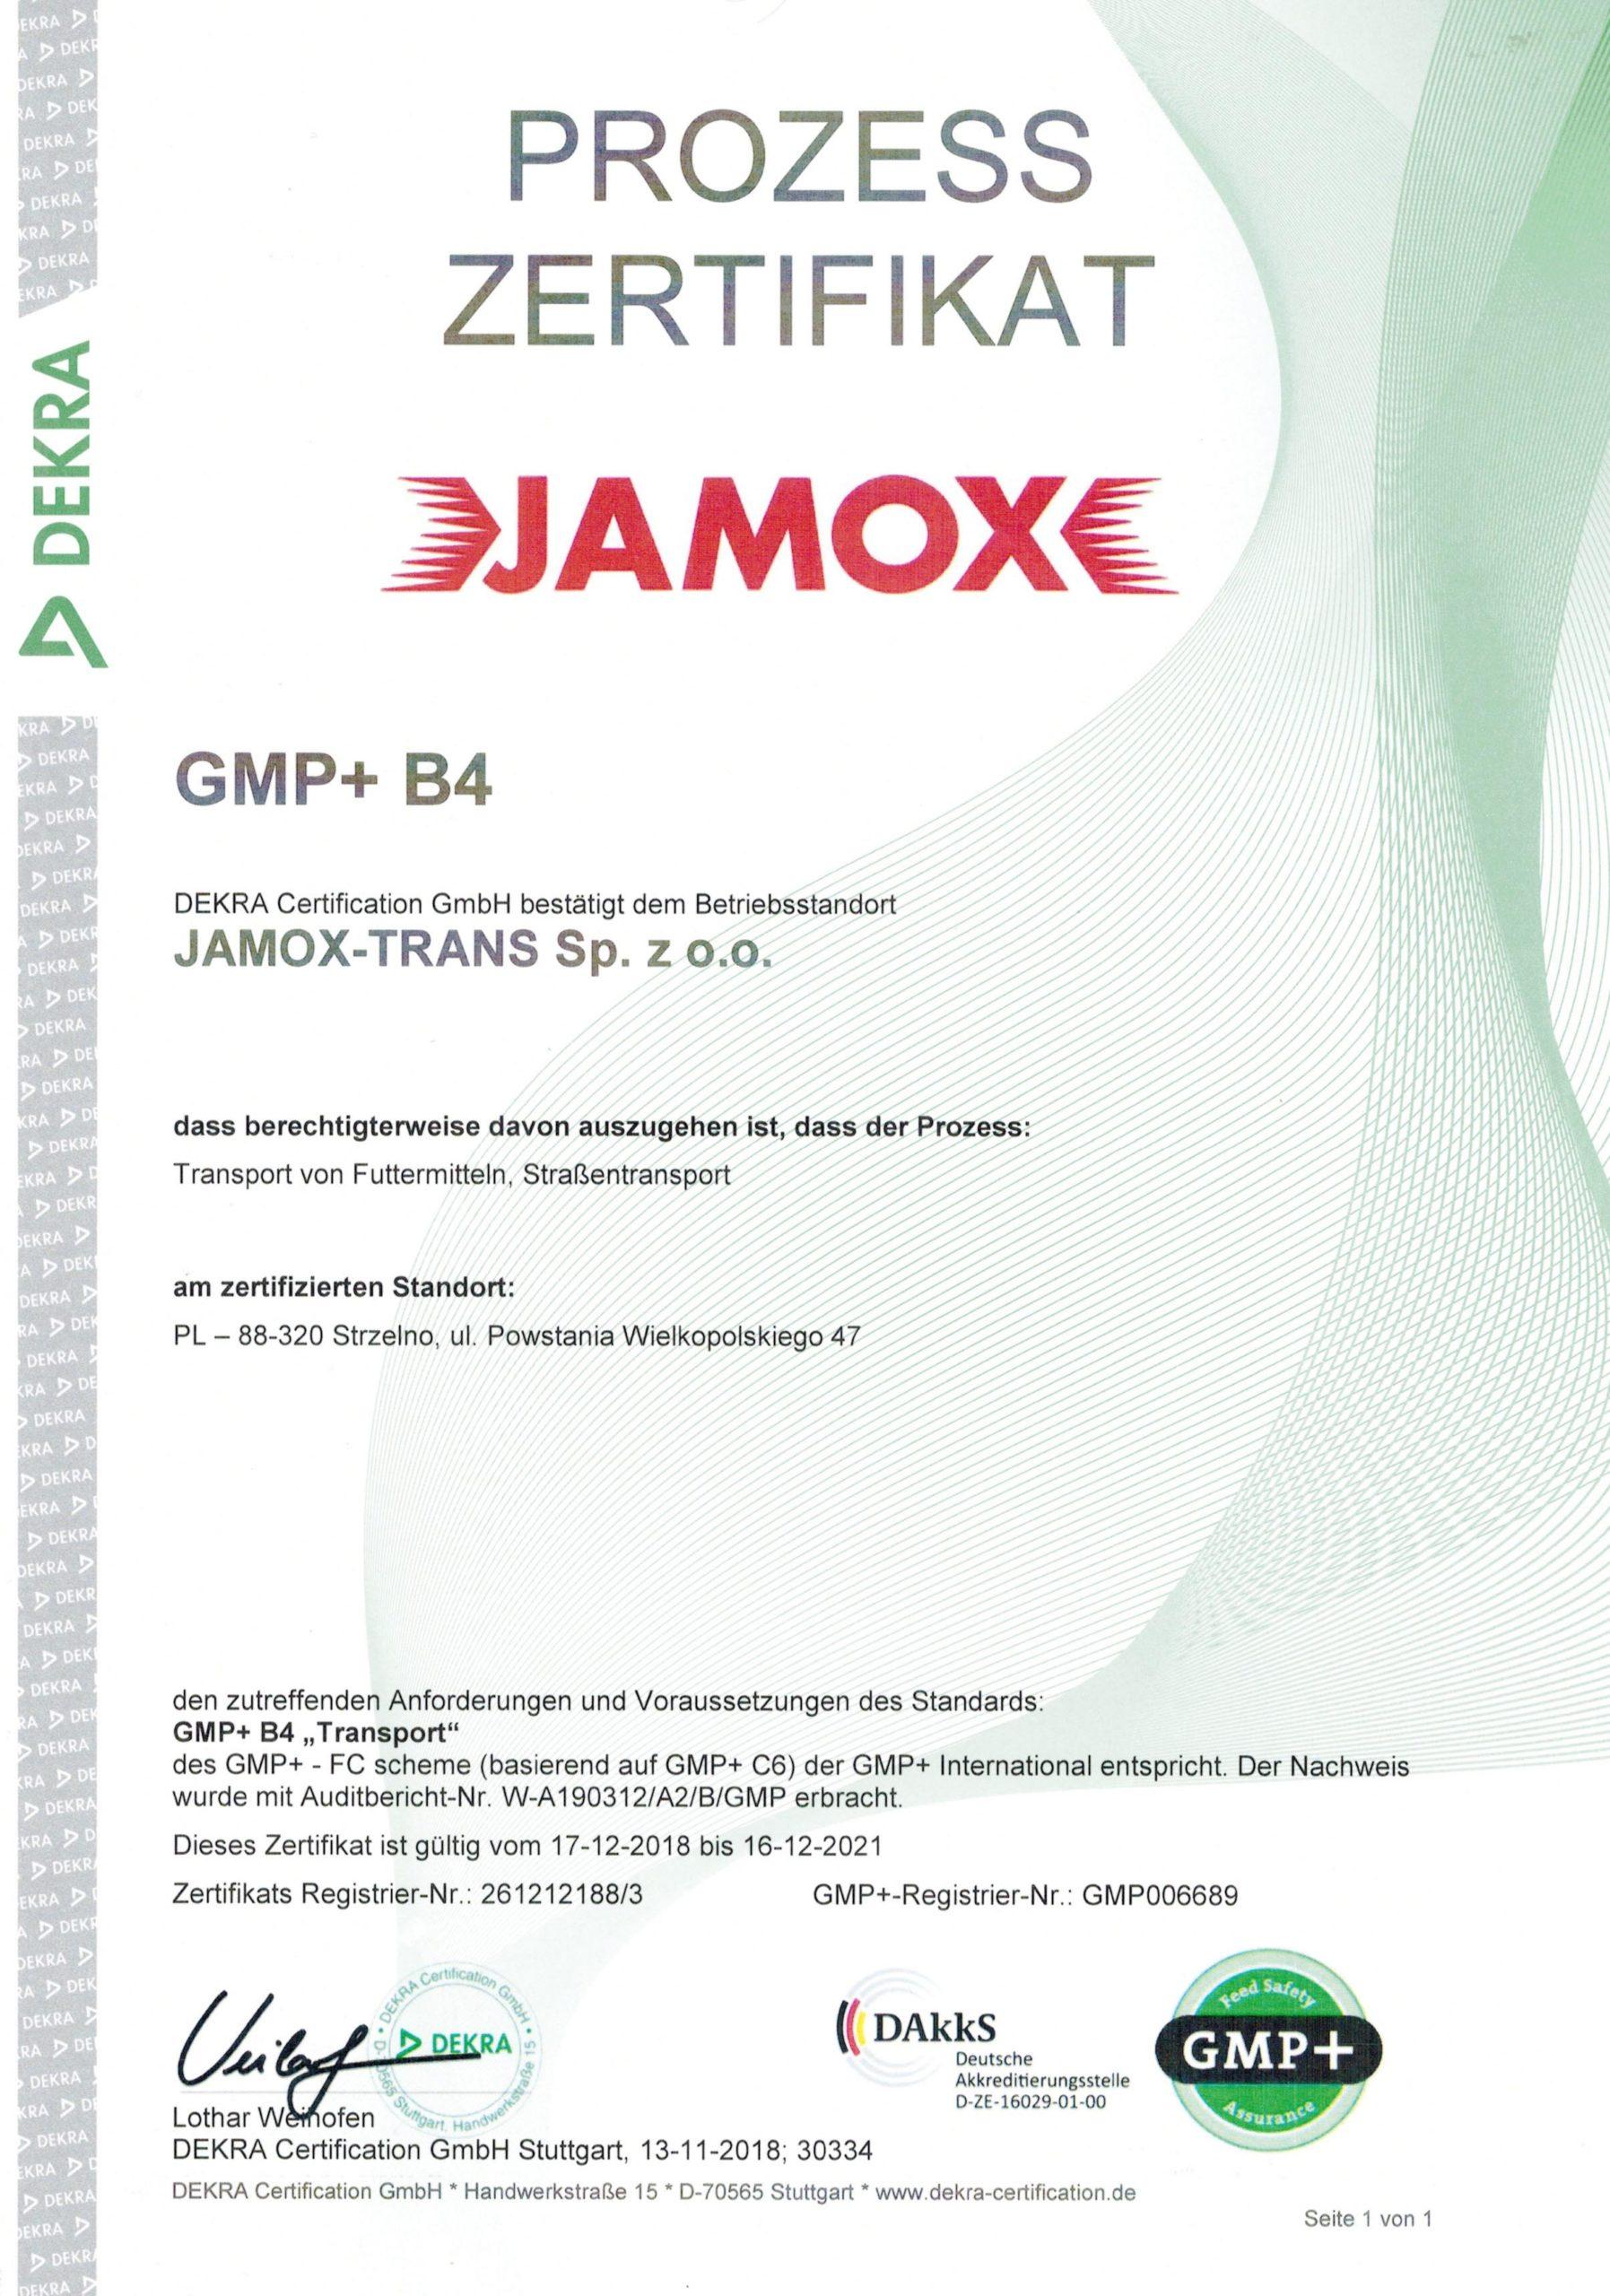 http://jamox.eu/wp-content/uploads/2020/12/a.jpg